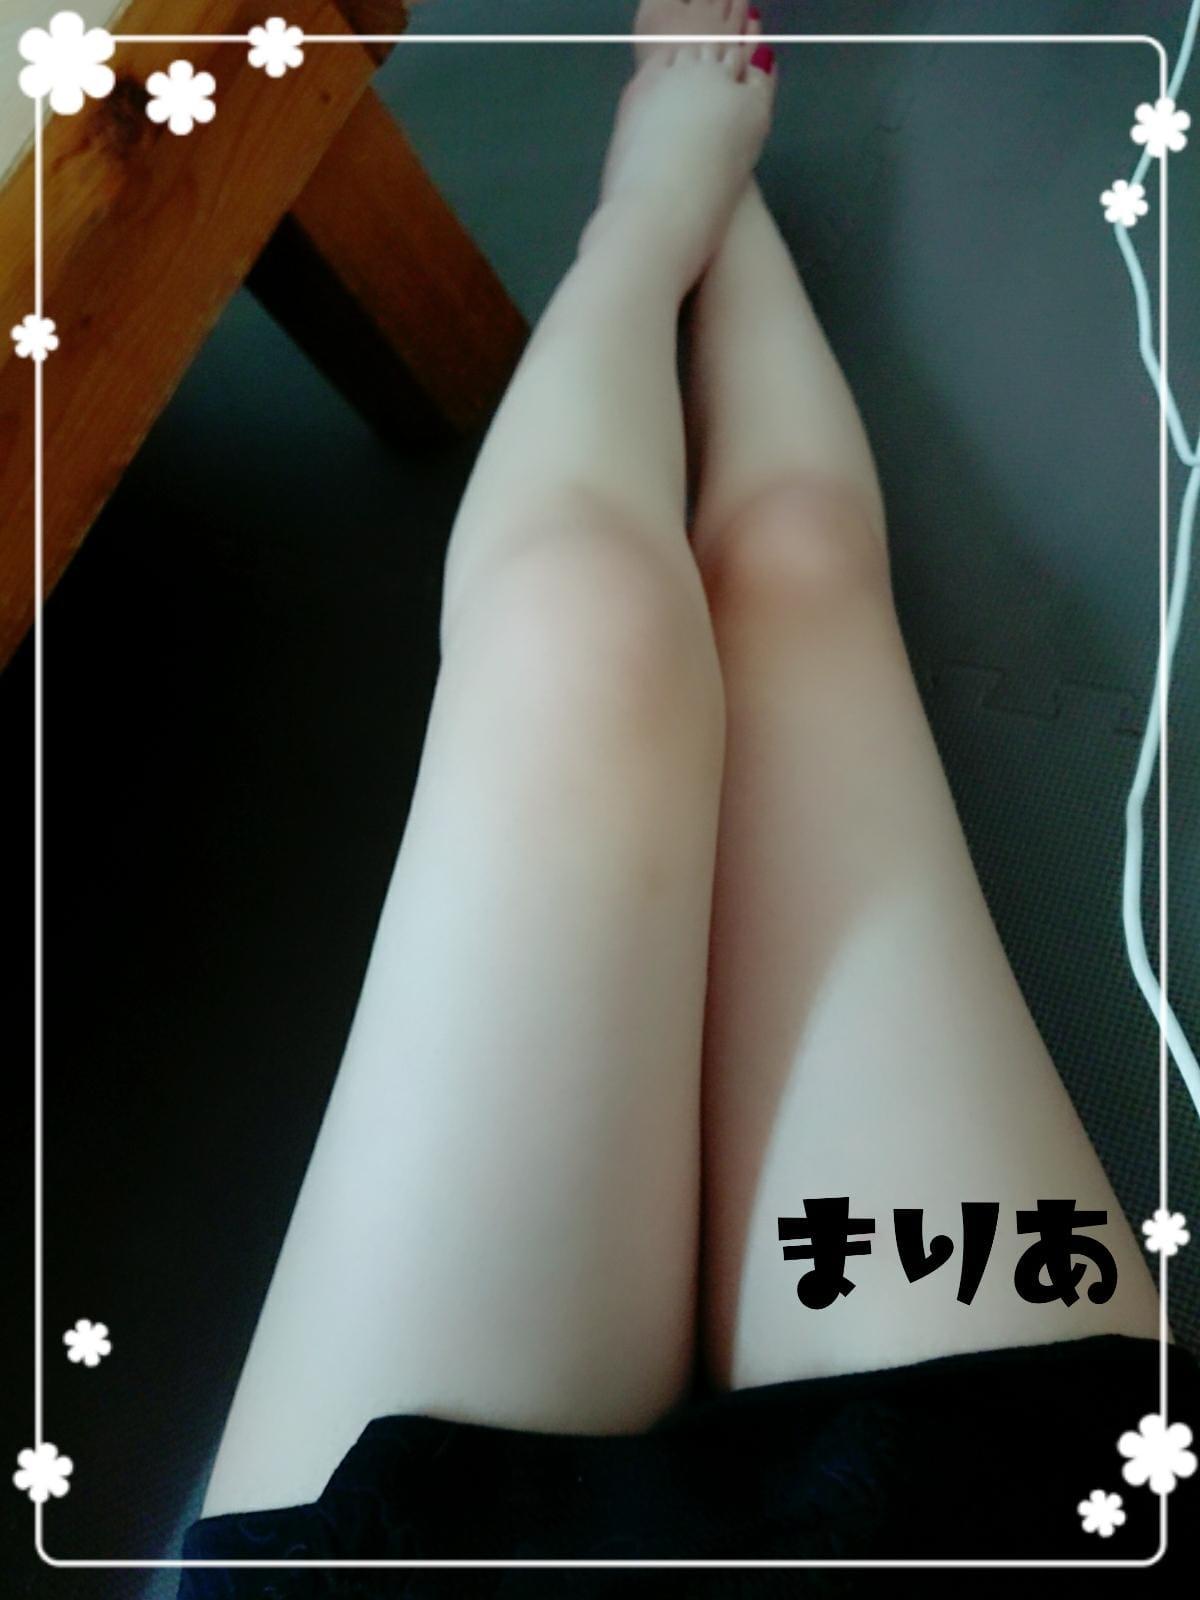 「☆(*゜ー゜)vオハヨ☆」08/19日(日) 04:43 | まりあの写メ・風俗動画